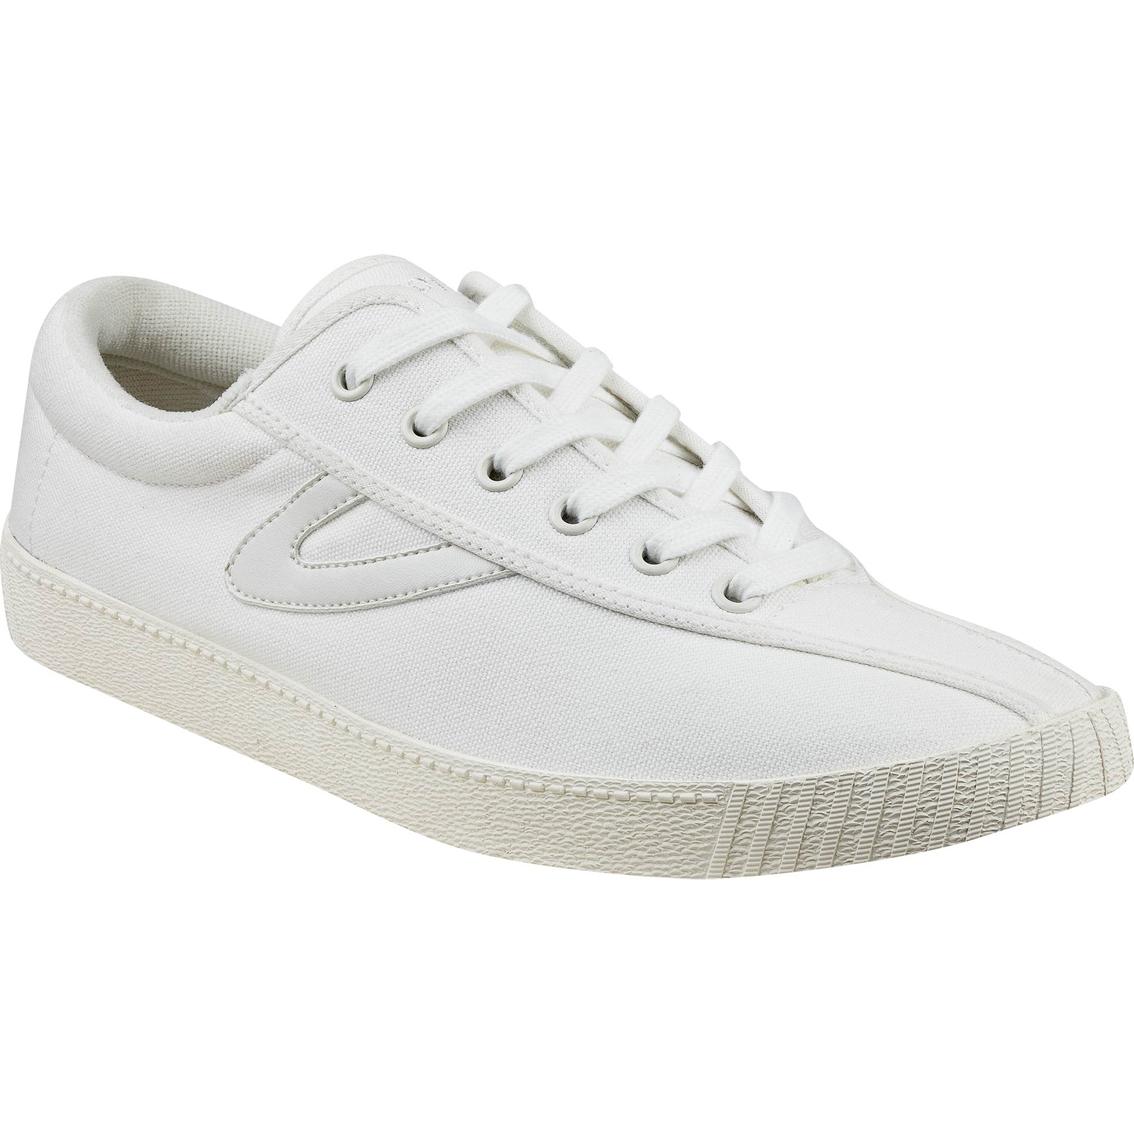 Tretorn Men's Nylite Plus Sneakers | Casuals | Shoes | Shop